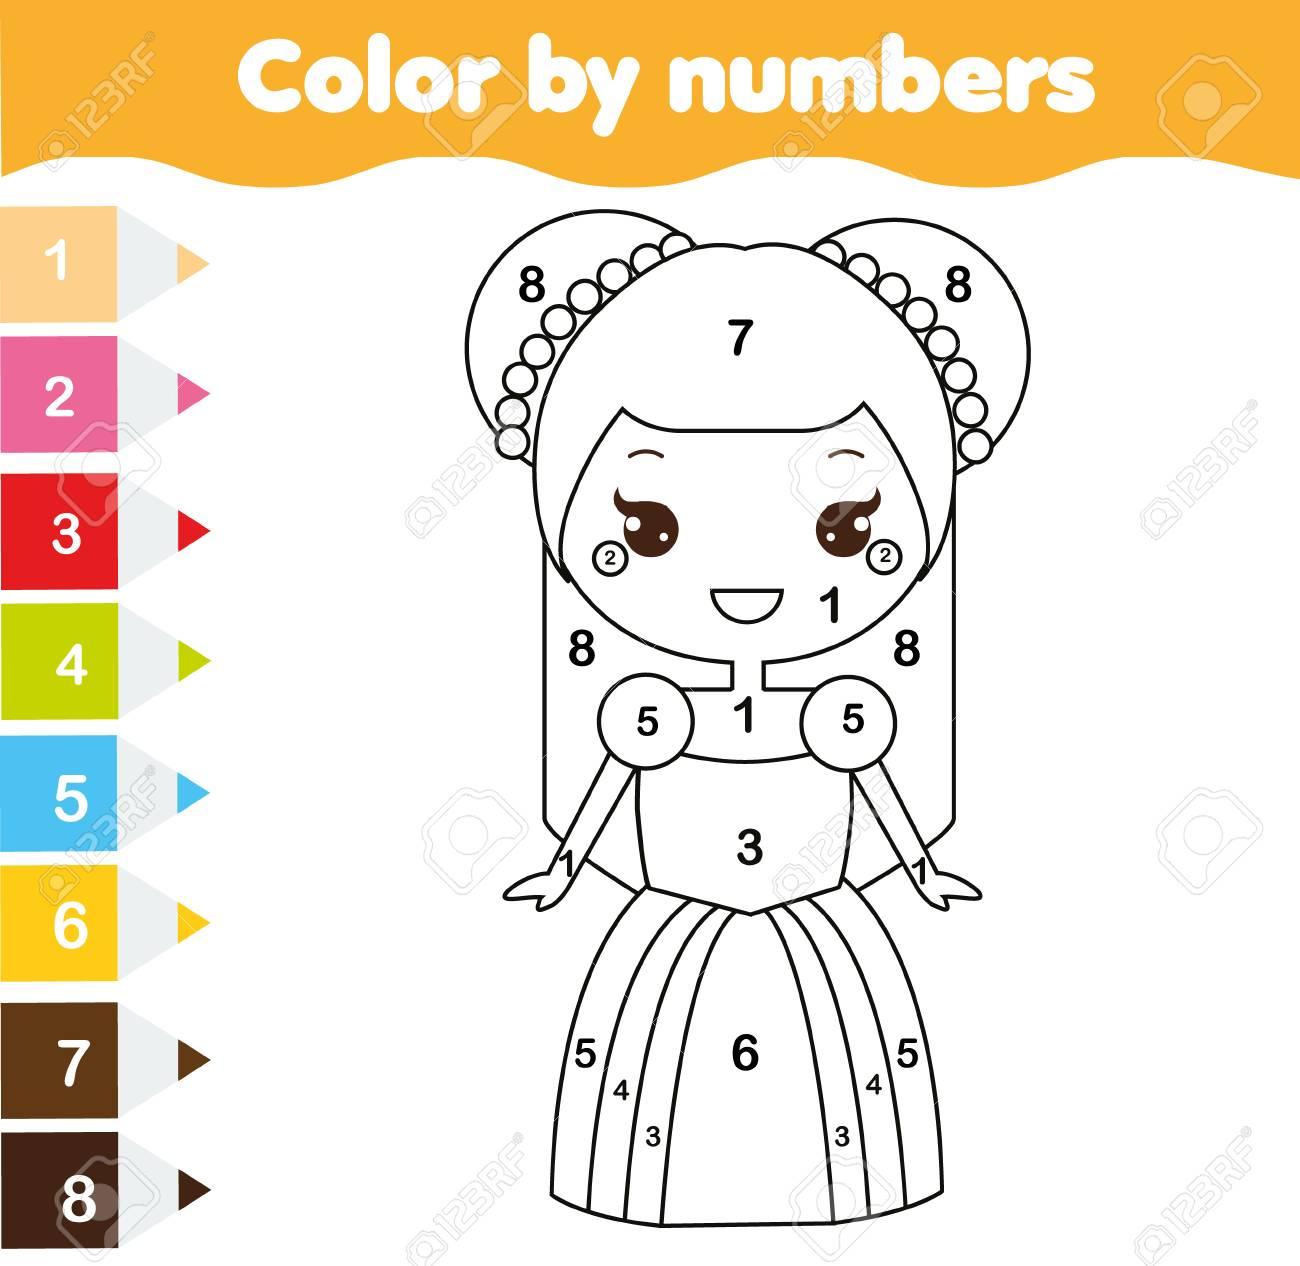 Color Por Números Juego De Niños Educativos Página Para Colorear Para Niños Linda Princesa Actividad De Dibujo Imprimible